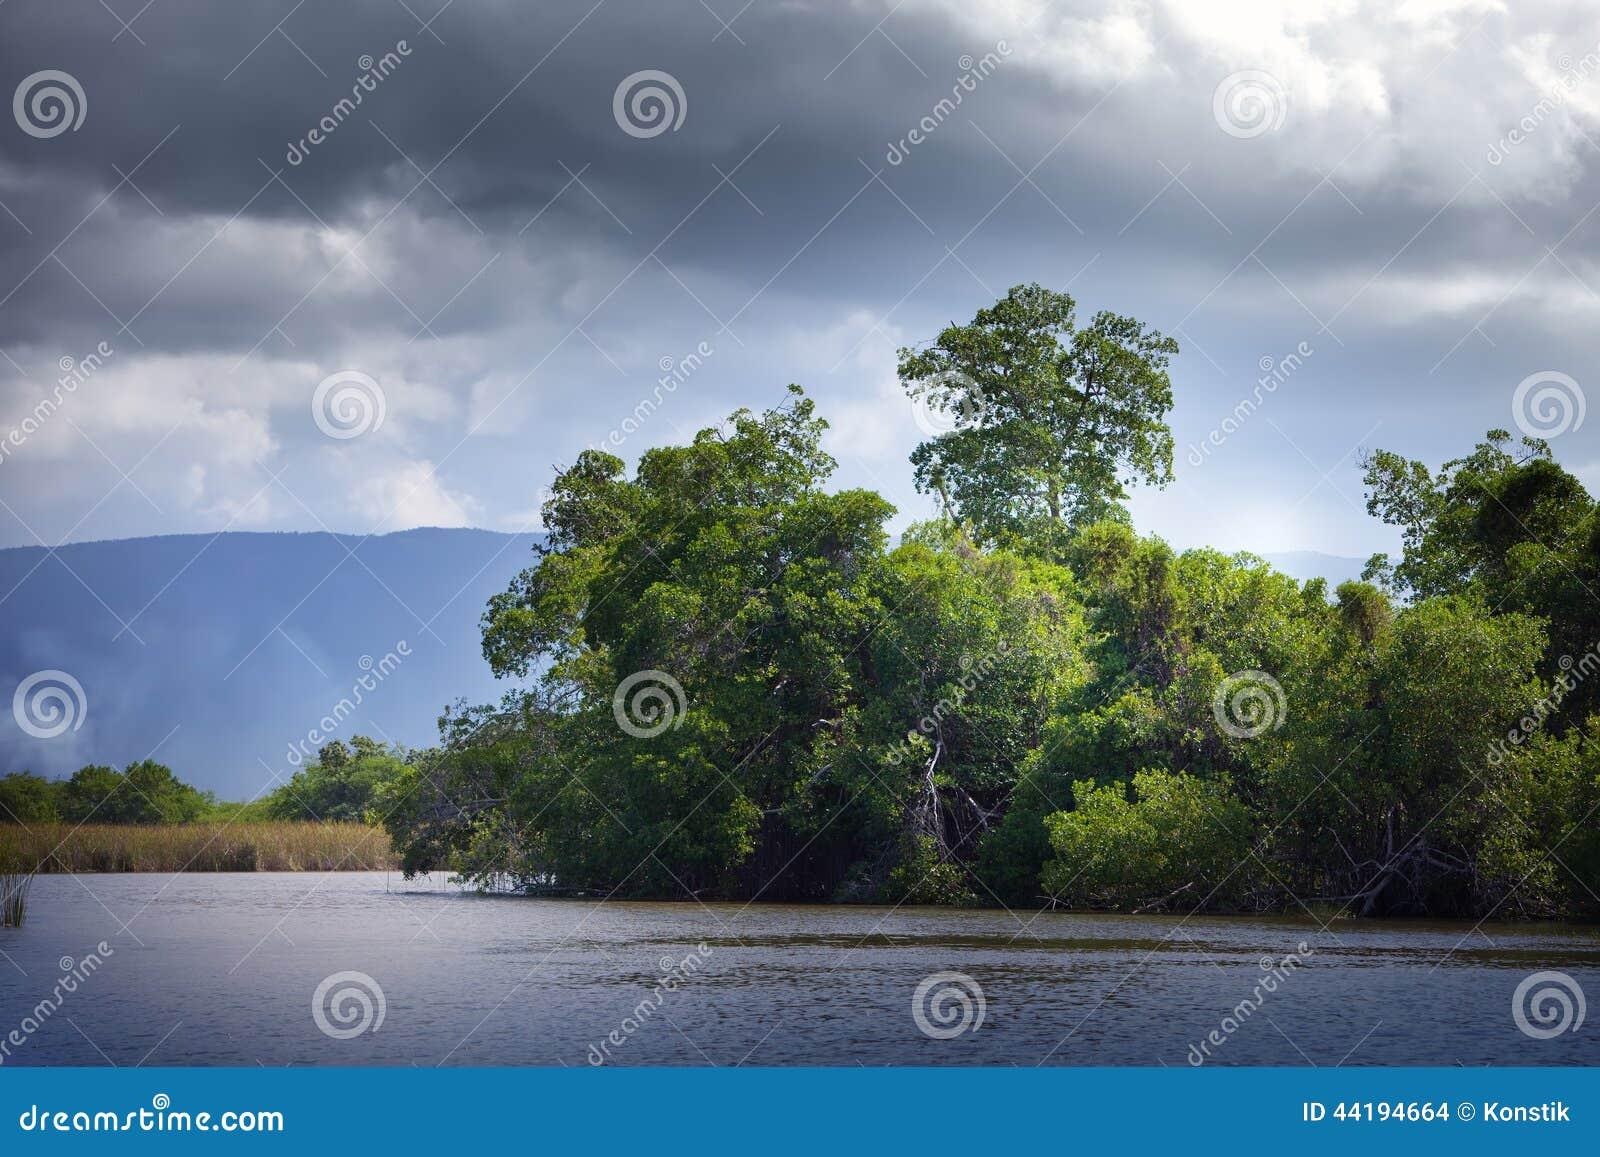 Тропическая пуща мангровы чащ на черном реке ямайка